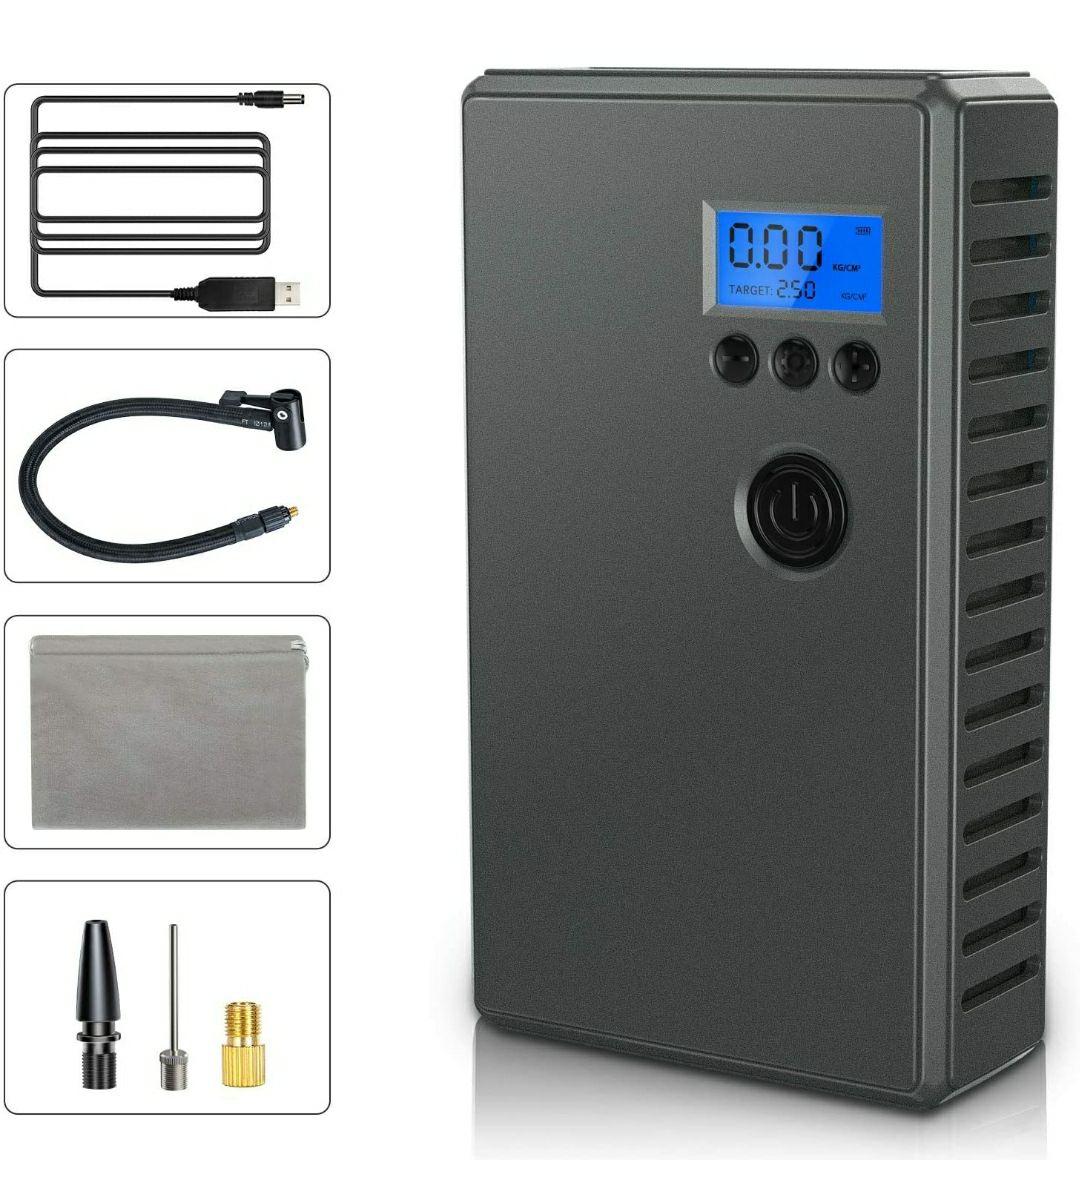 Compressore Portatile per Auto Compressore Aria con LCD Display e Batteria Ricaricabile 2000mAh